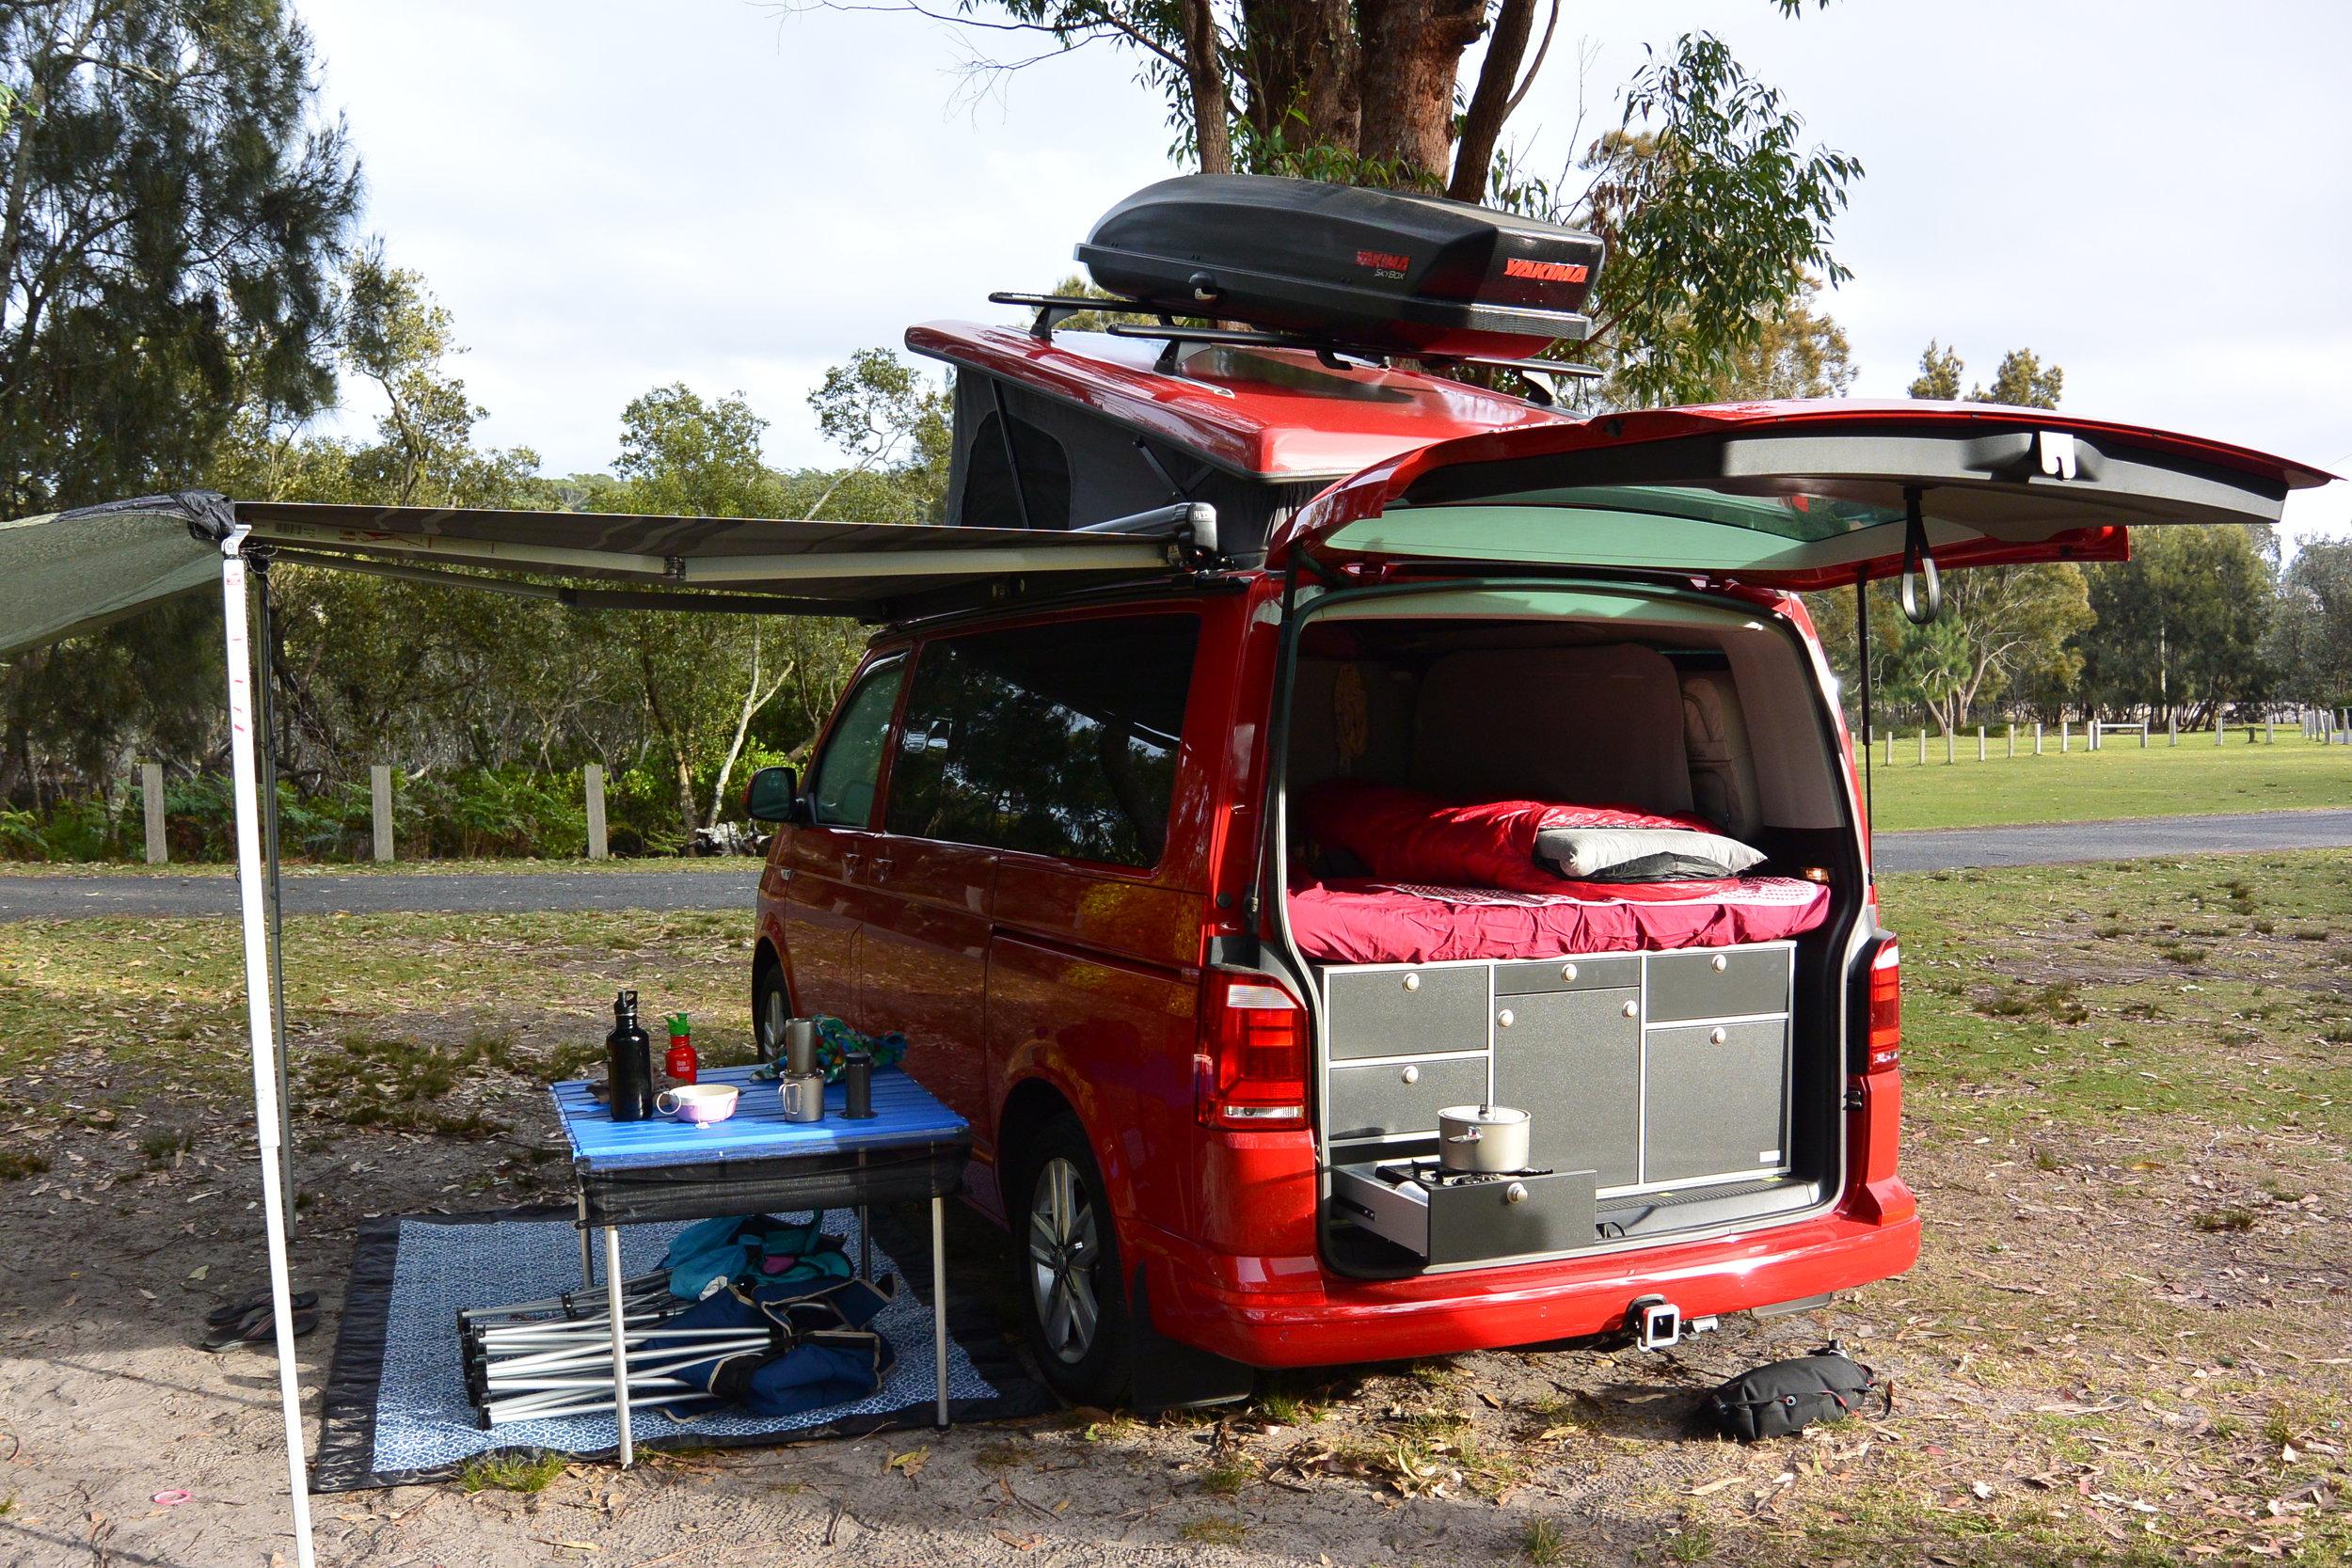 MultiCamper Pop-Top Roof Multivan VanEssa mobilcamping KombiLife Campers 7 seat 4 berth Volkswagen Campervan -2.JPG